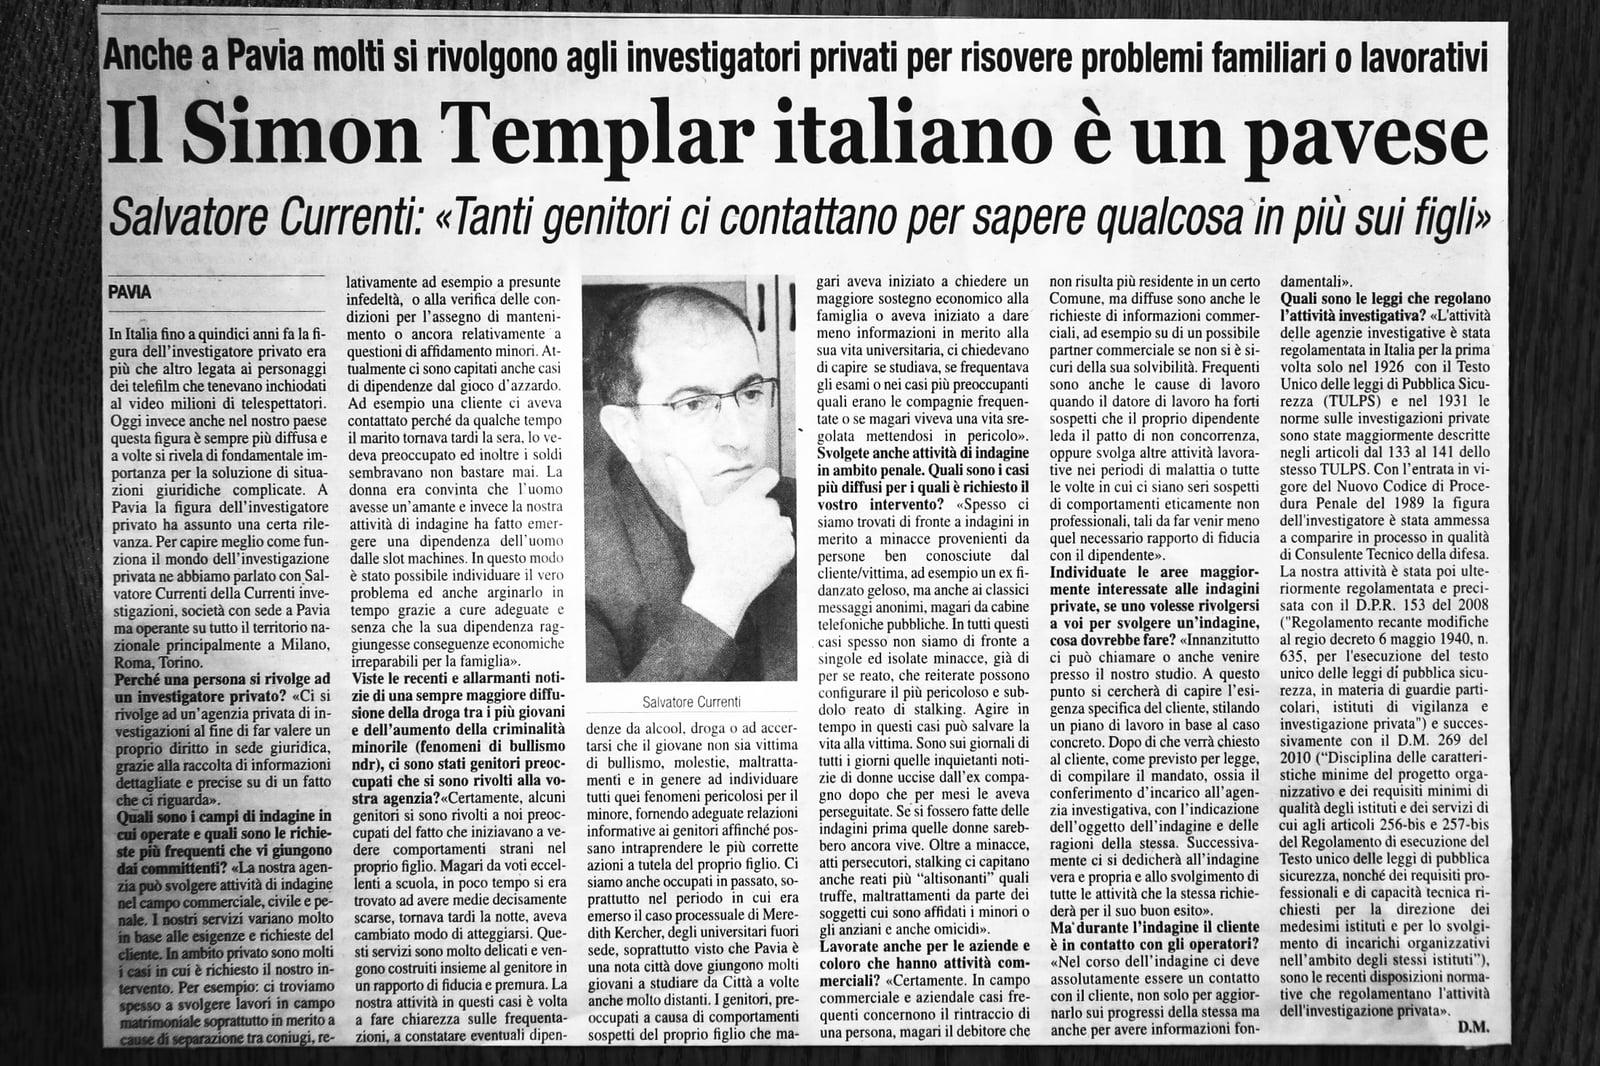 Articolo di giornale su Currenti Investigazioni Pavia foto 7